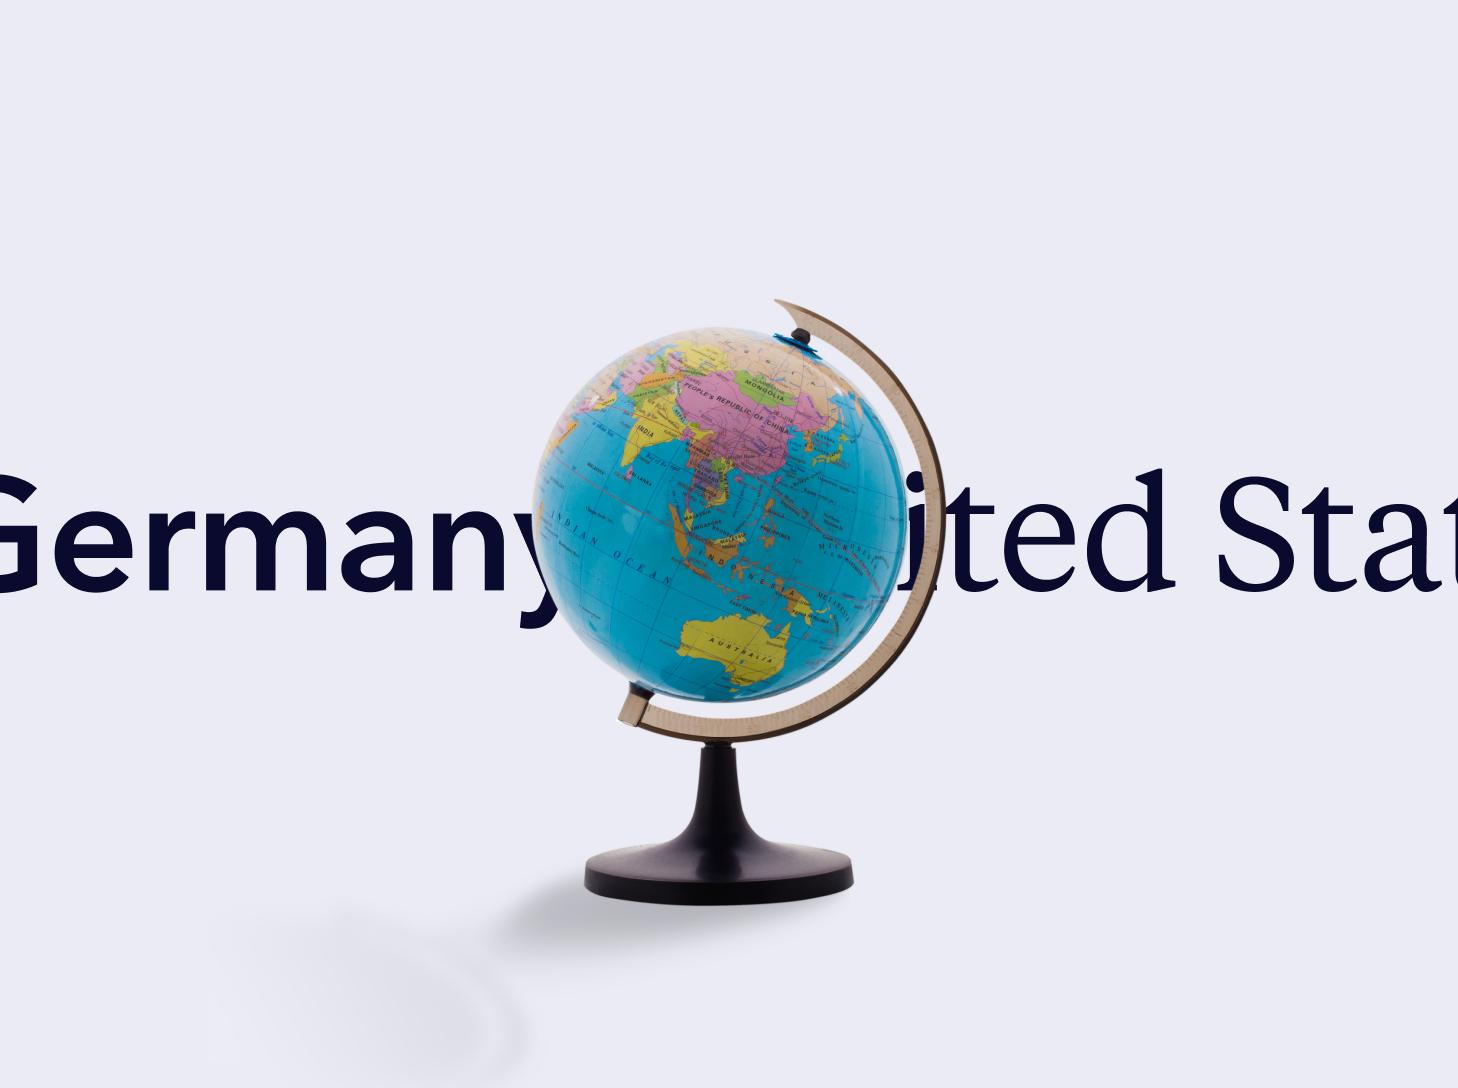 Located around the globe